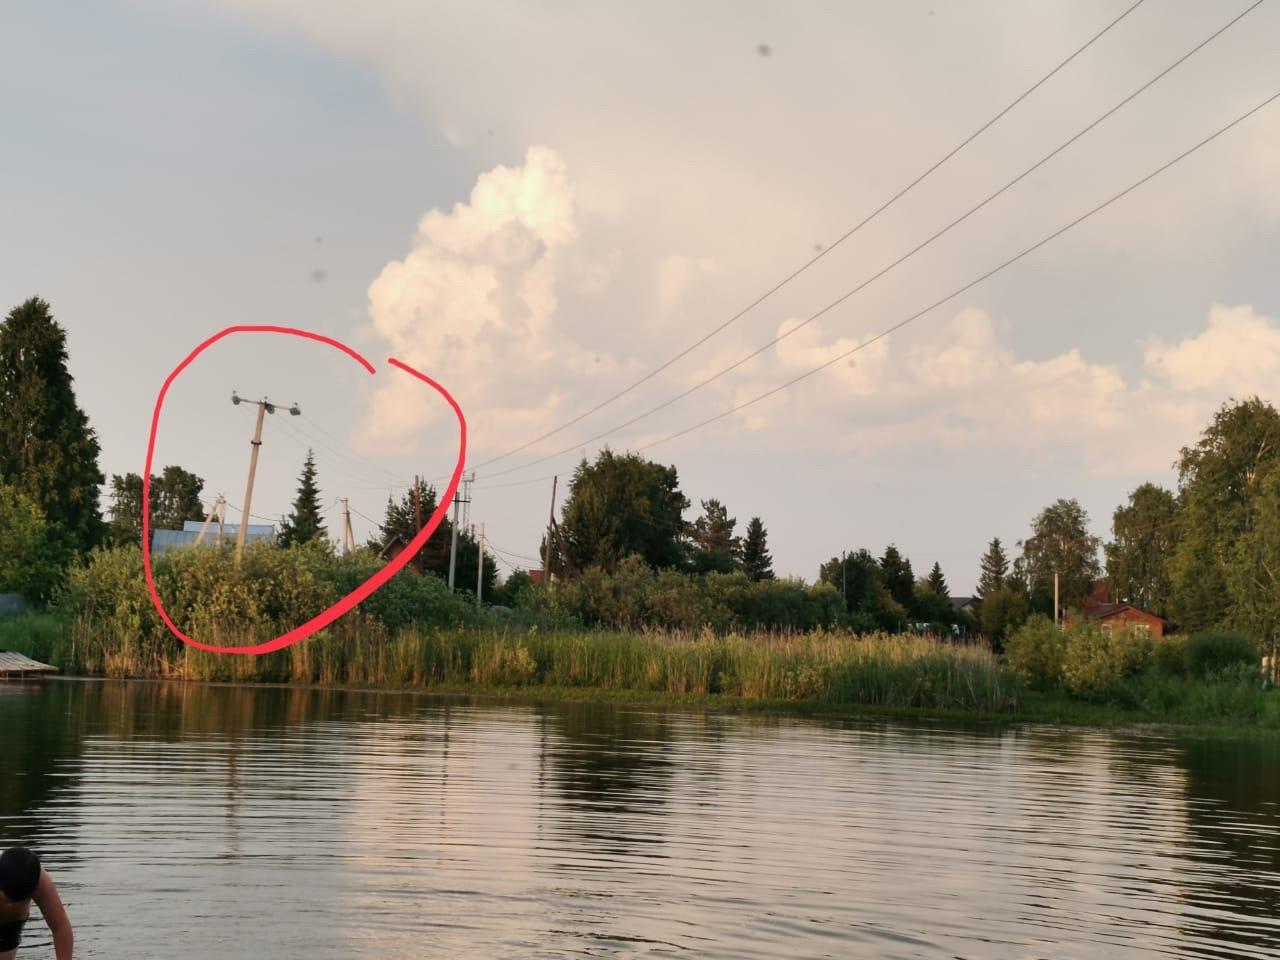 фото «Провода оборвутся, будет много жертв»: провисшая над озером линия электропередач в СНТ под Новосибирском угрожает жизни дачников 2